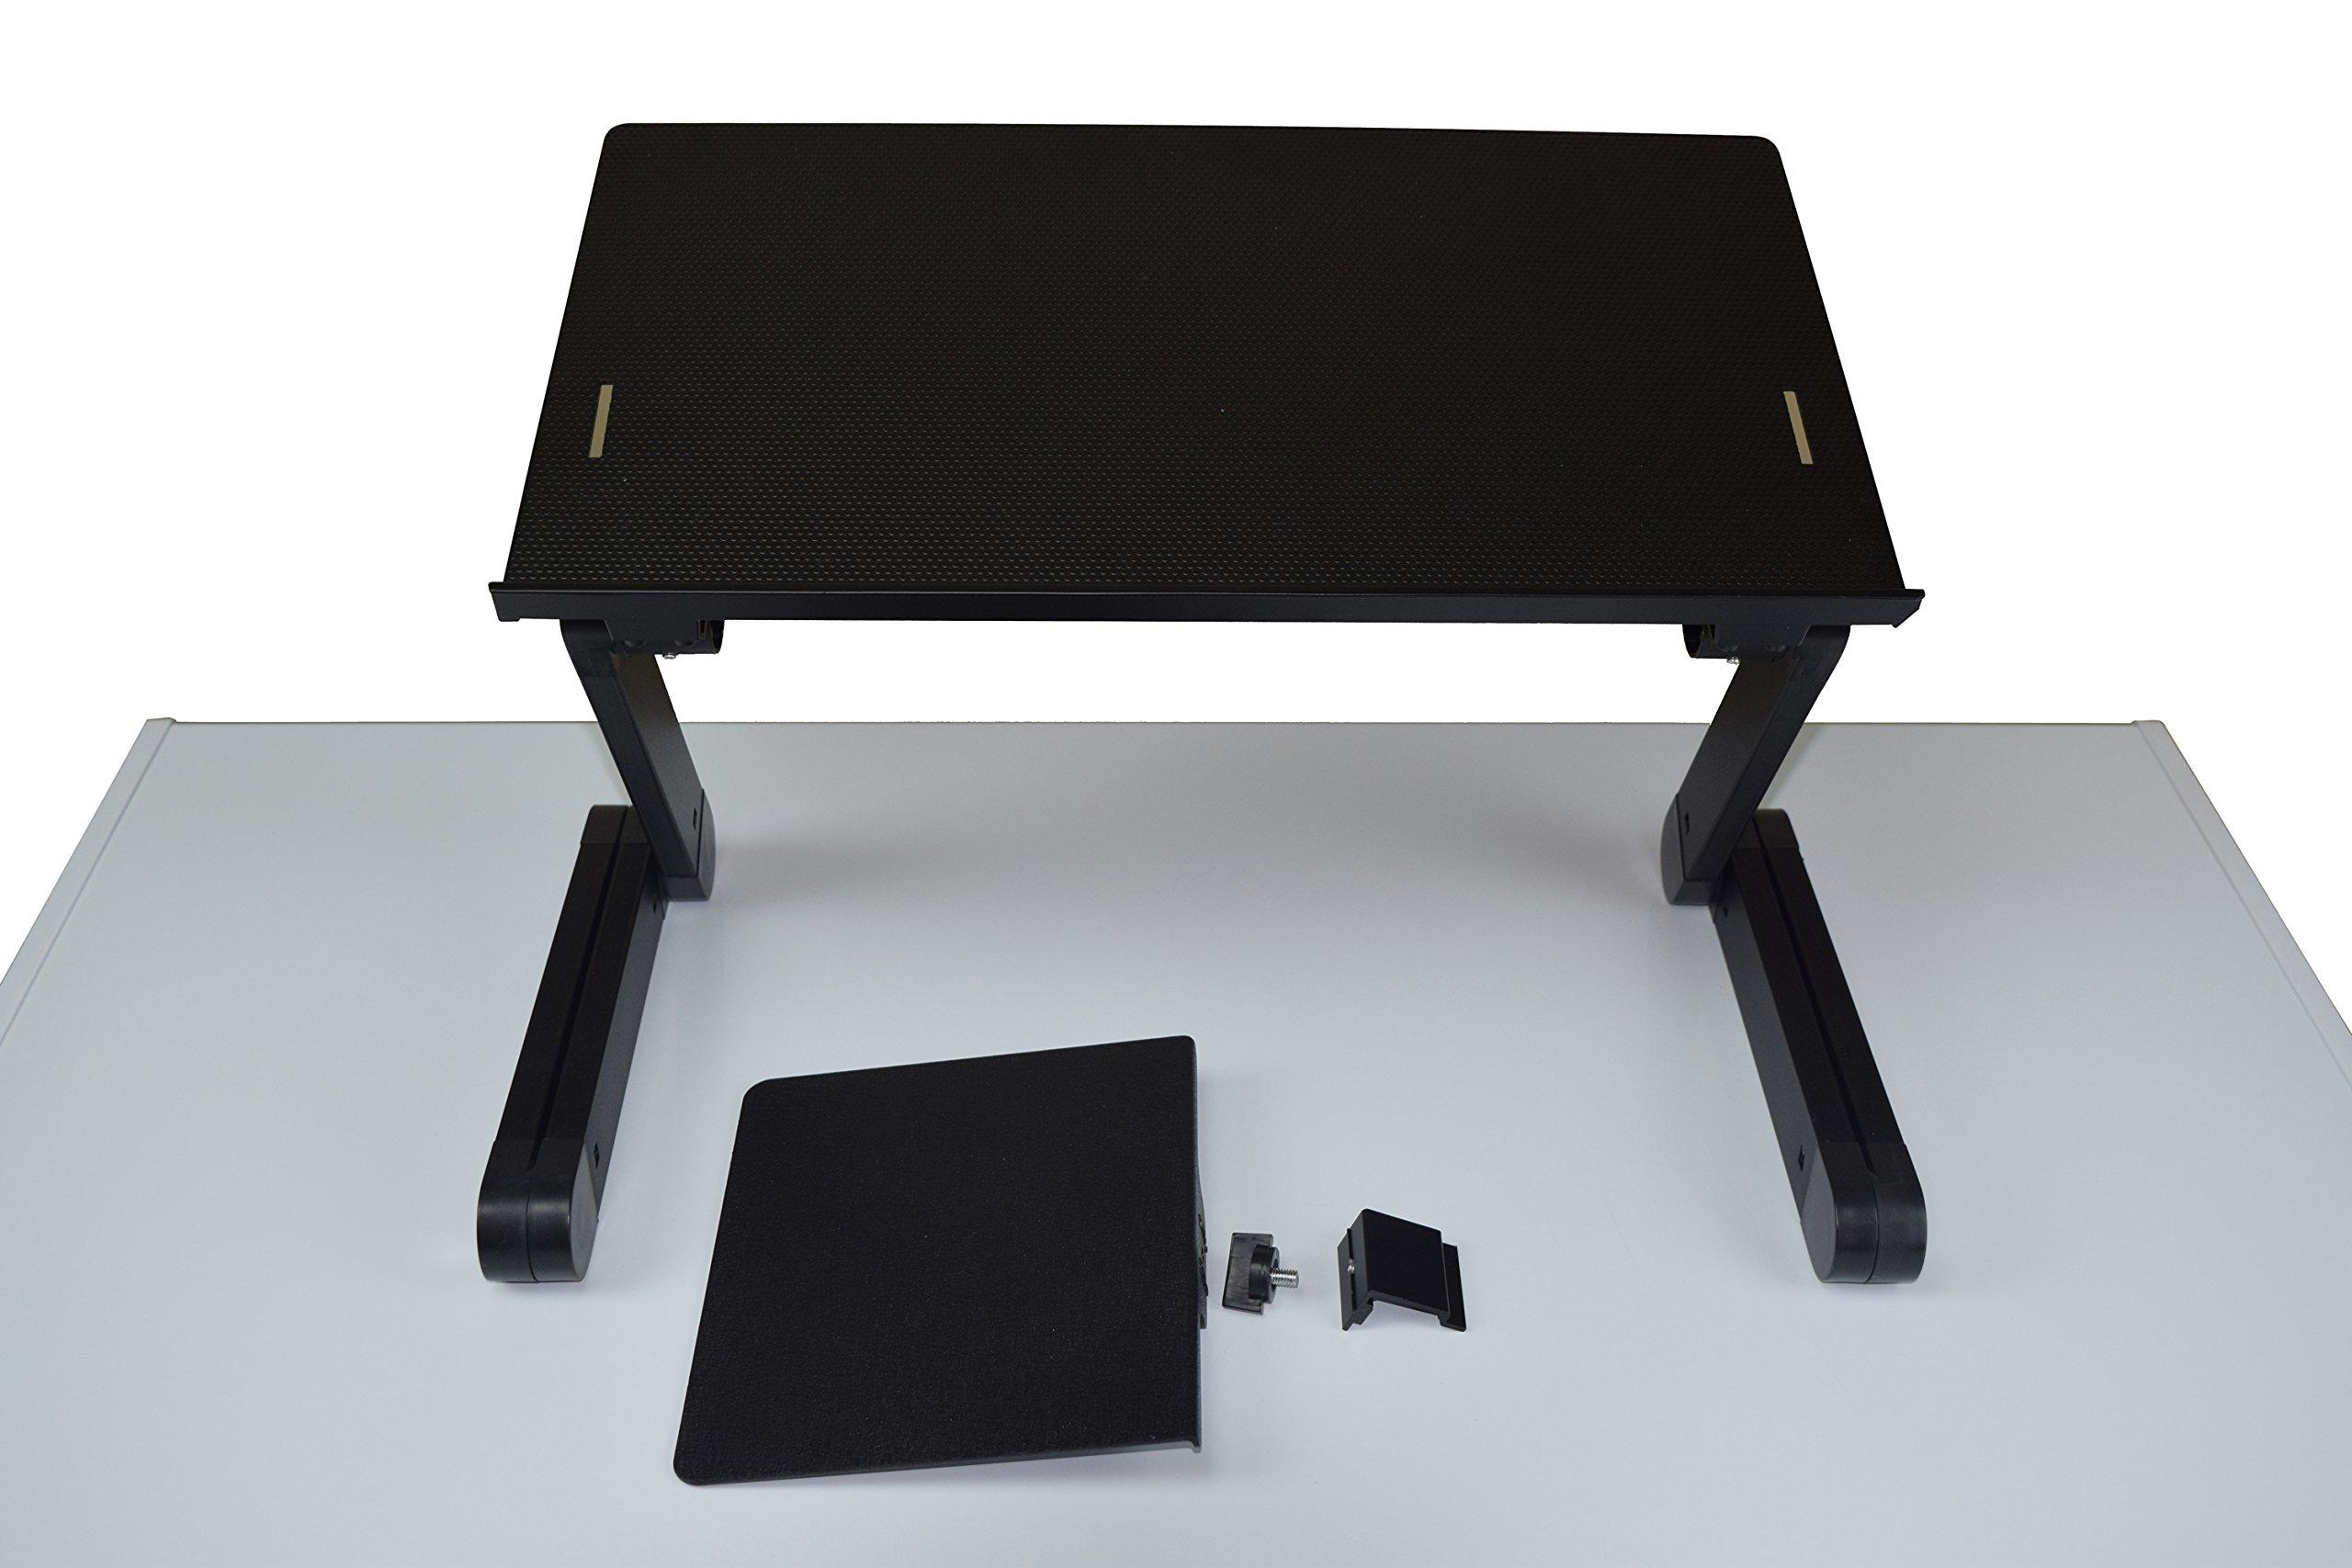 Uncaged Ergonomics Wektb Workez Keyboard Tray Stand Up Adjustable